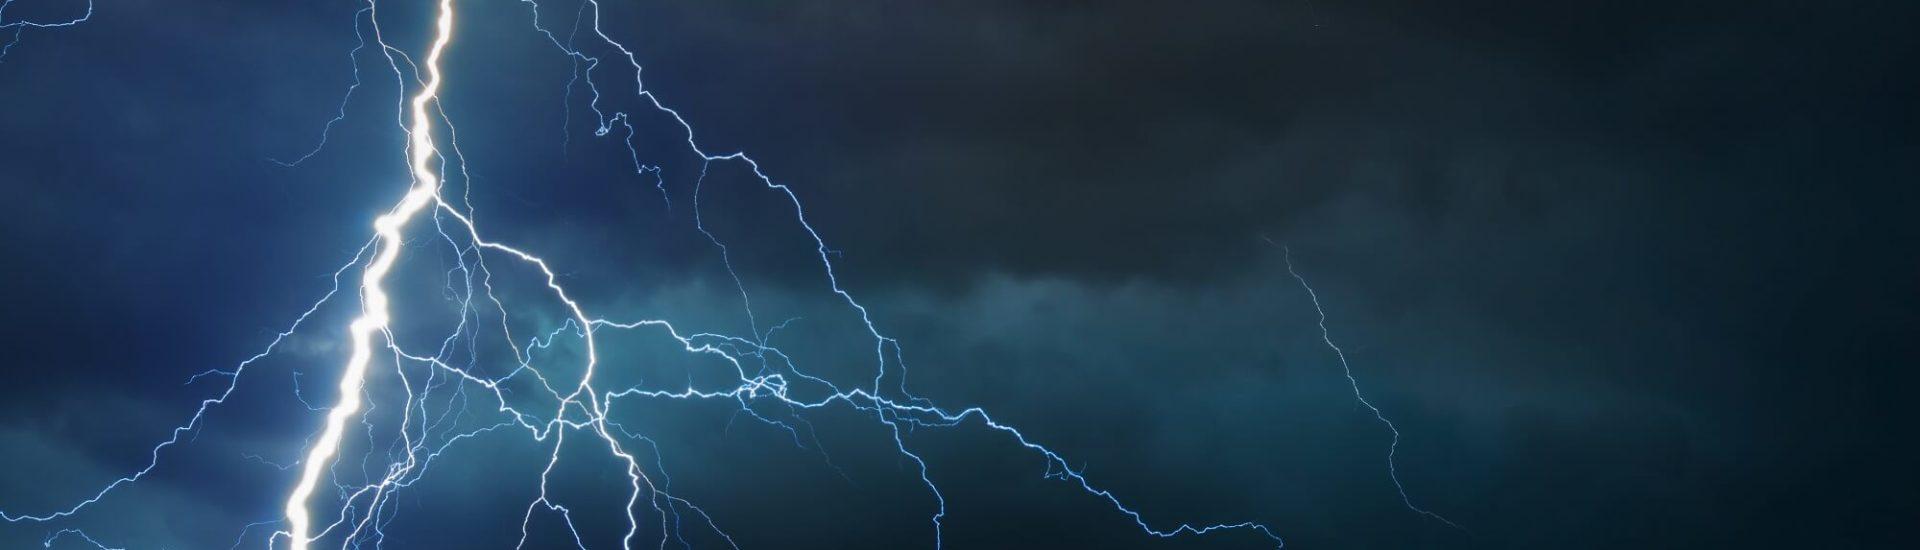 Fünf Spiele-Tipps Für Schlecht-Wetter-Tage